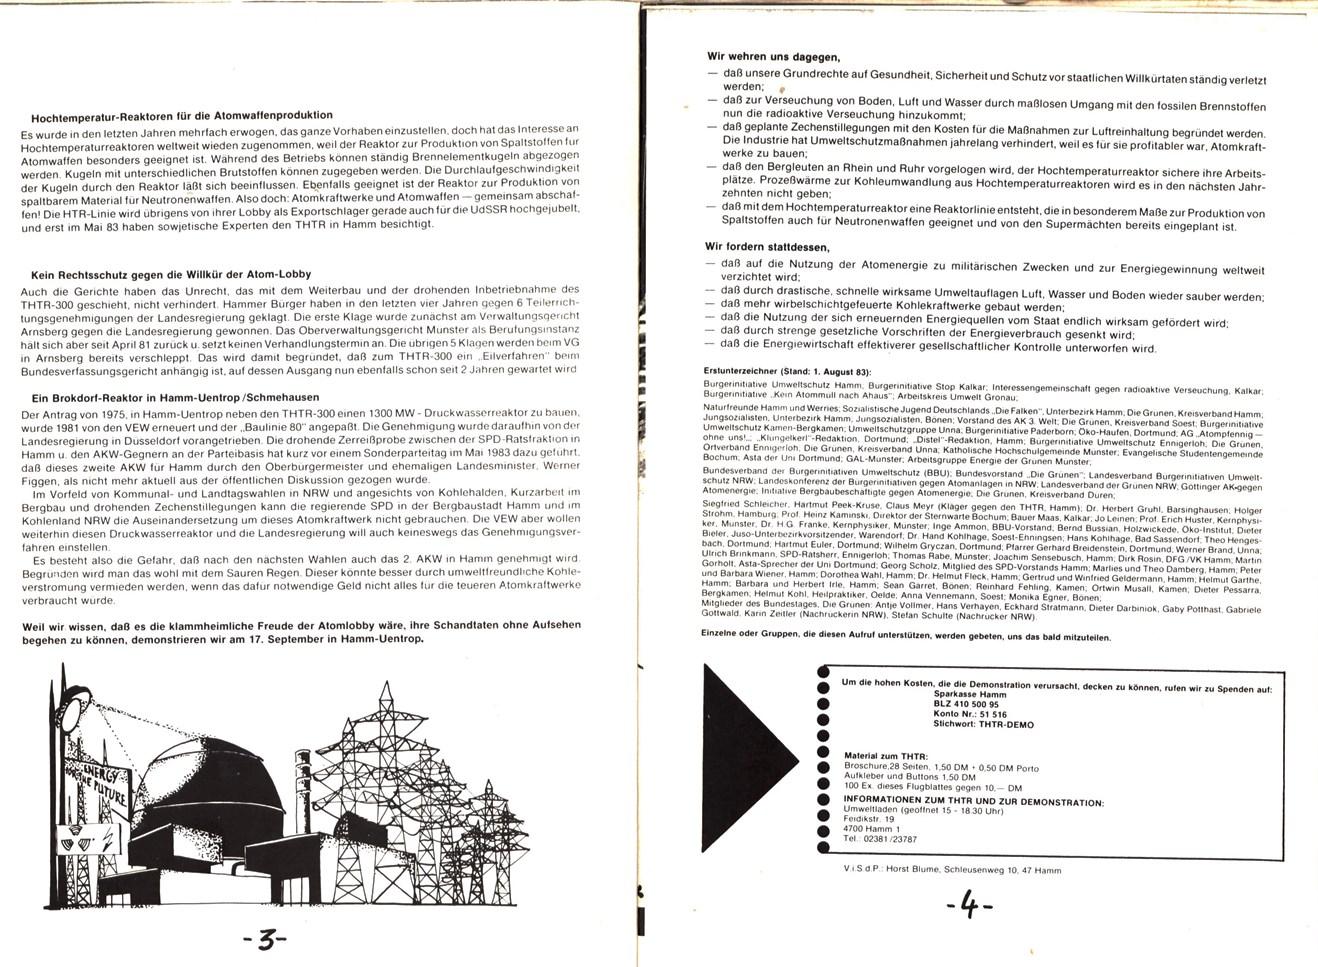 NRW_AKW_LKNRW_19830821_44_03